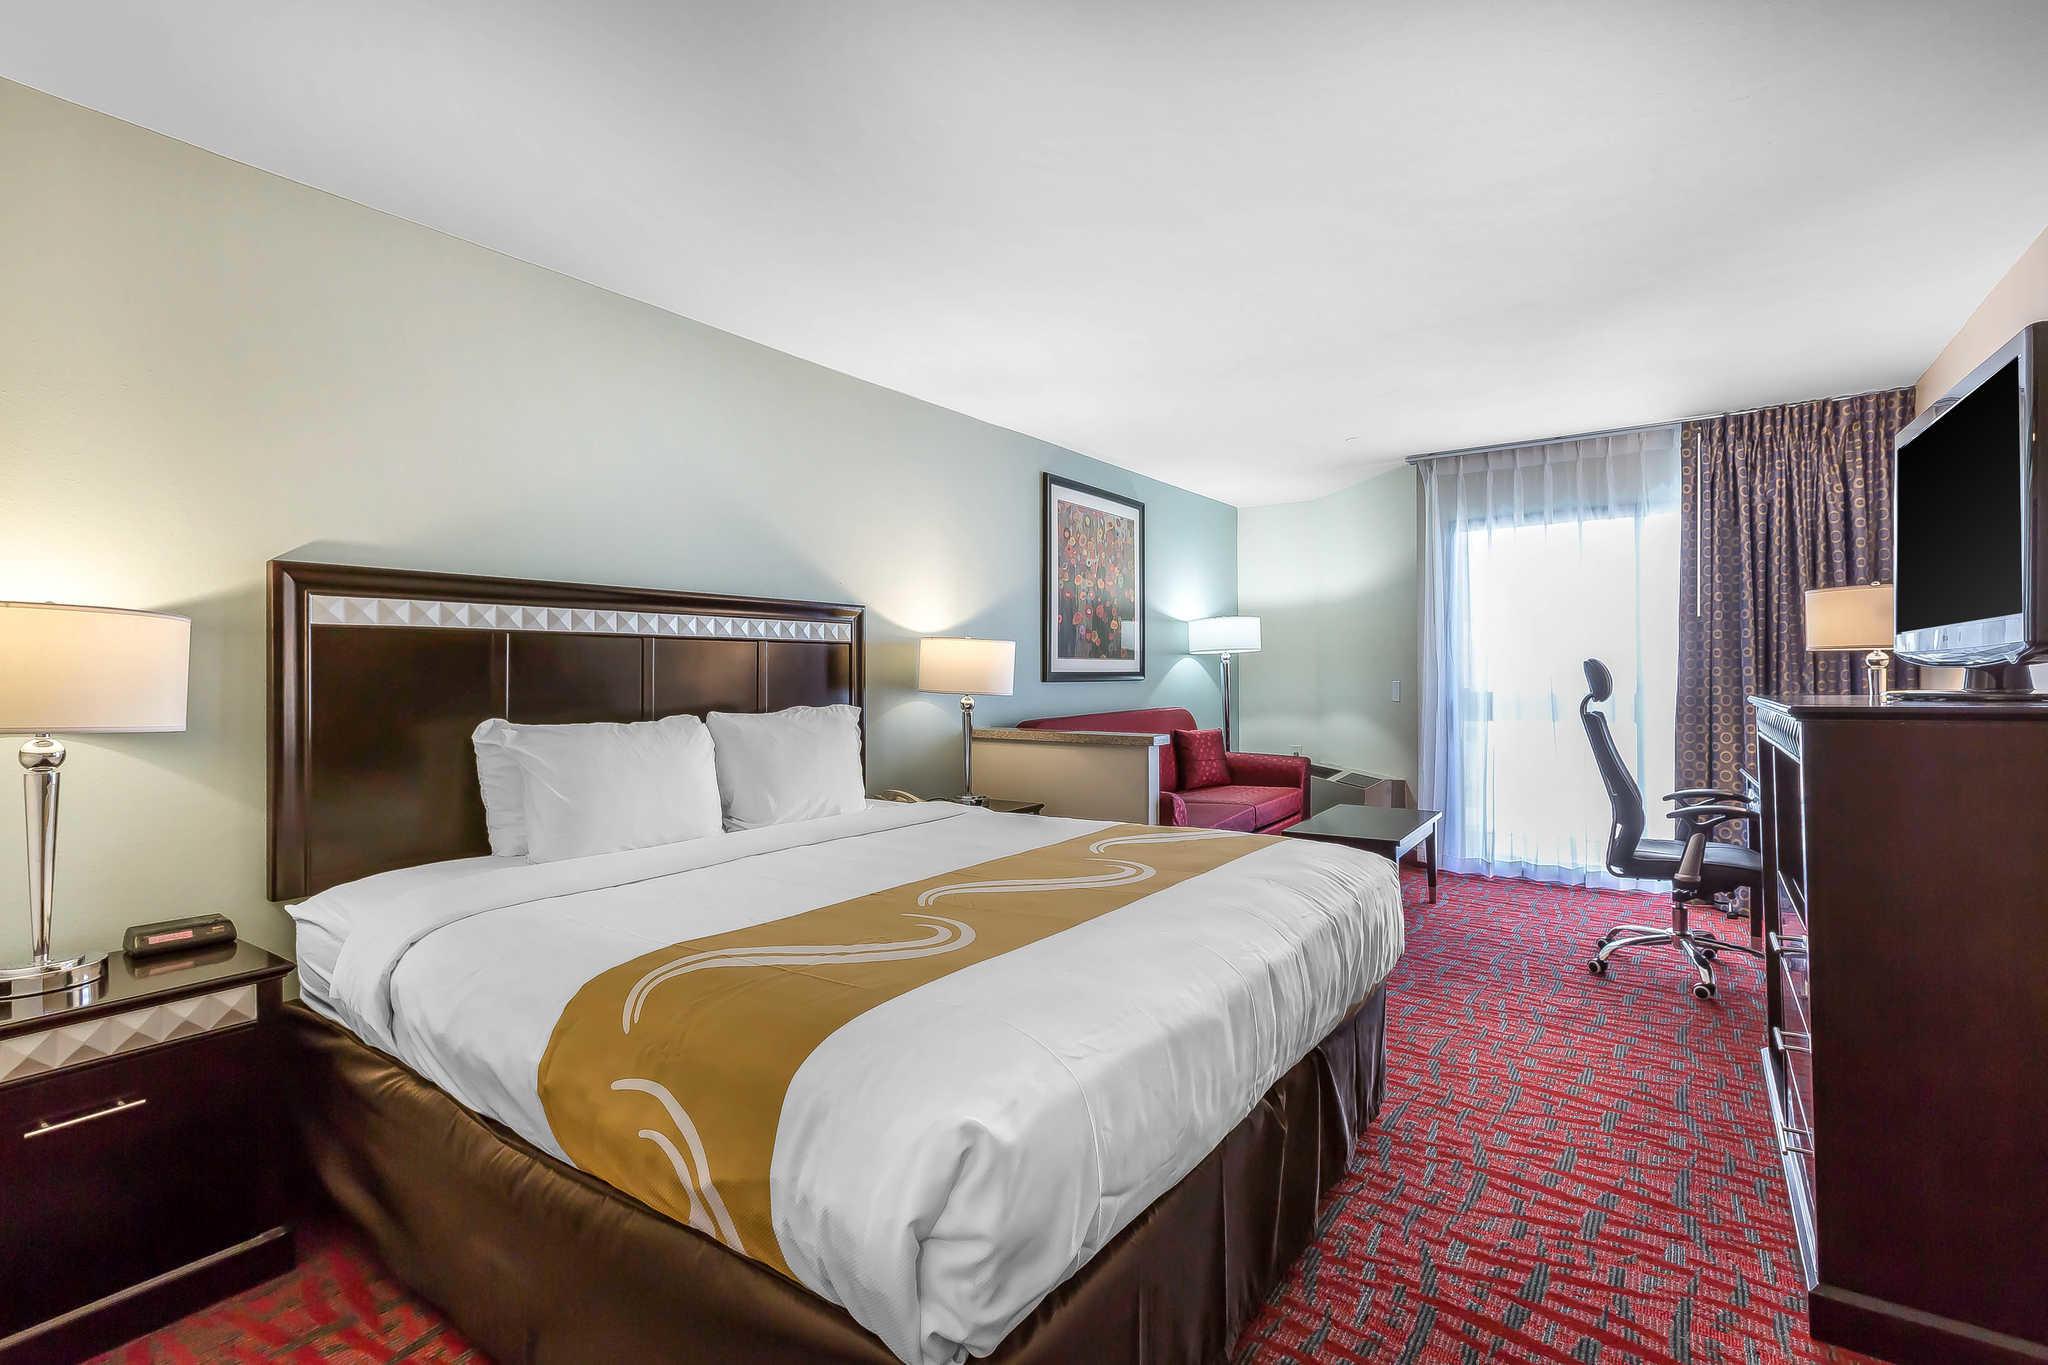 Quality Inn & Suites Irvine Spectrum image 27